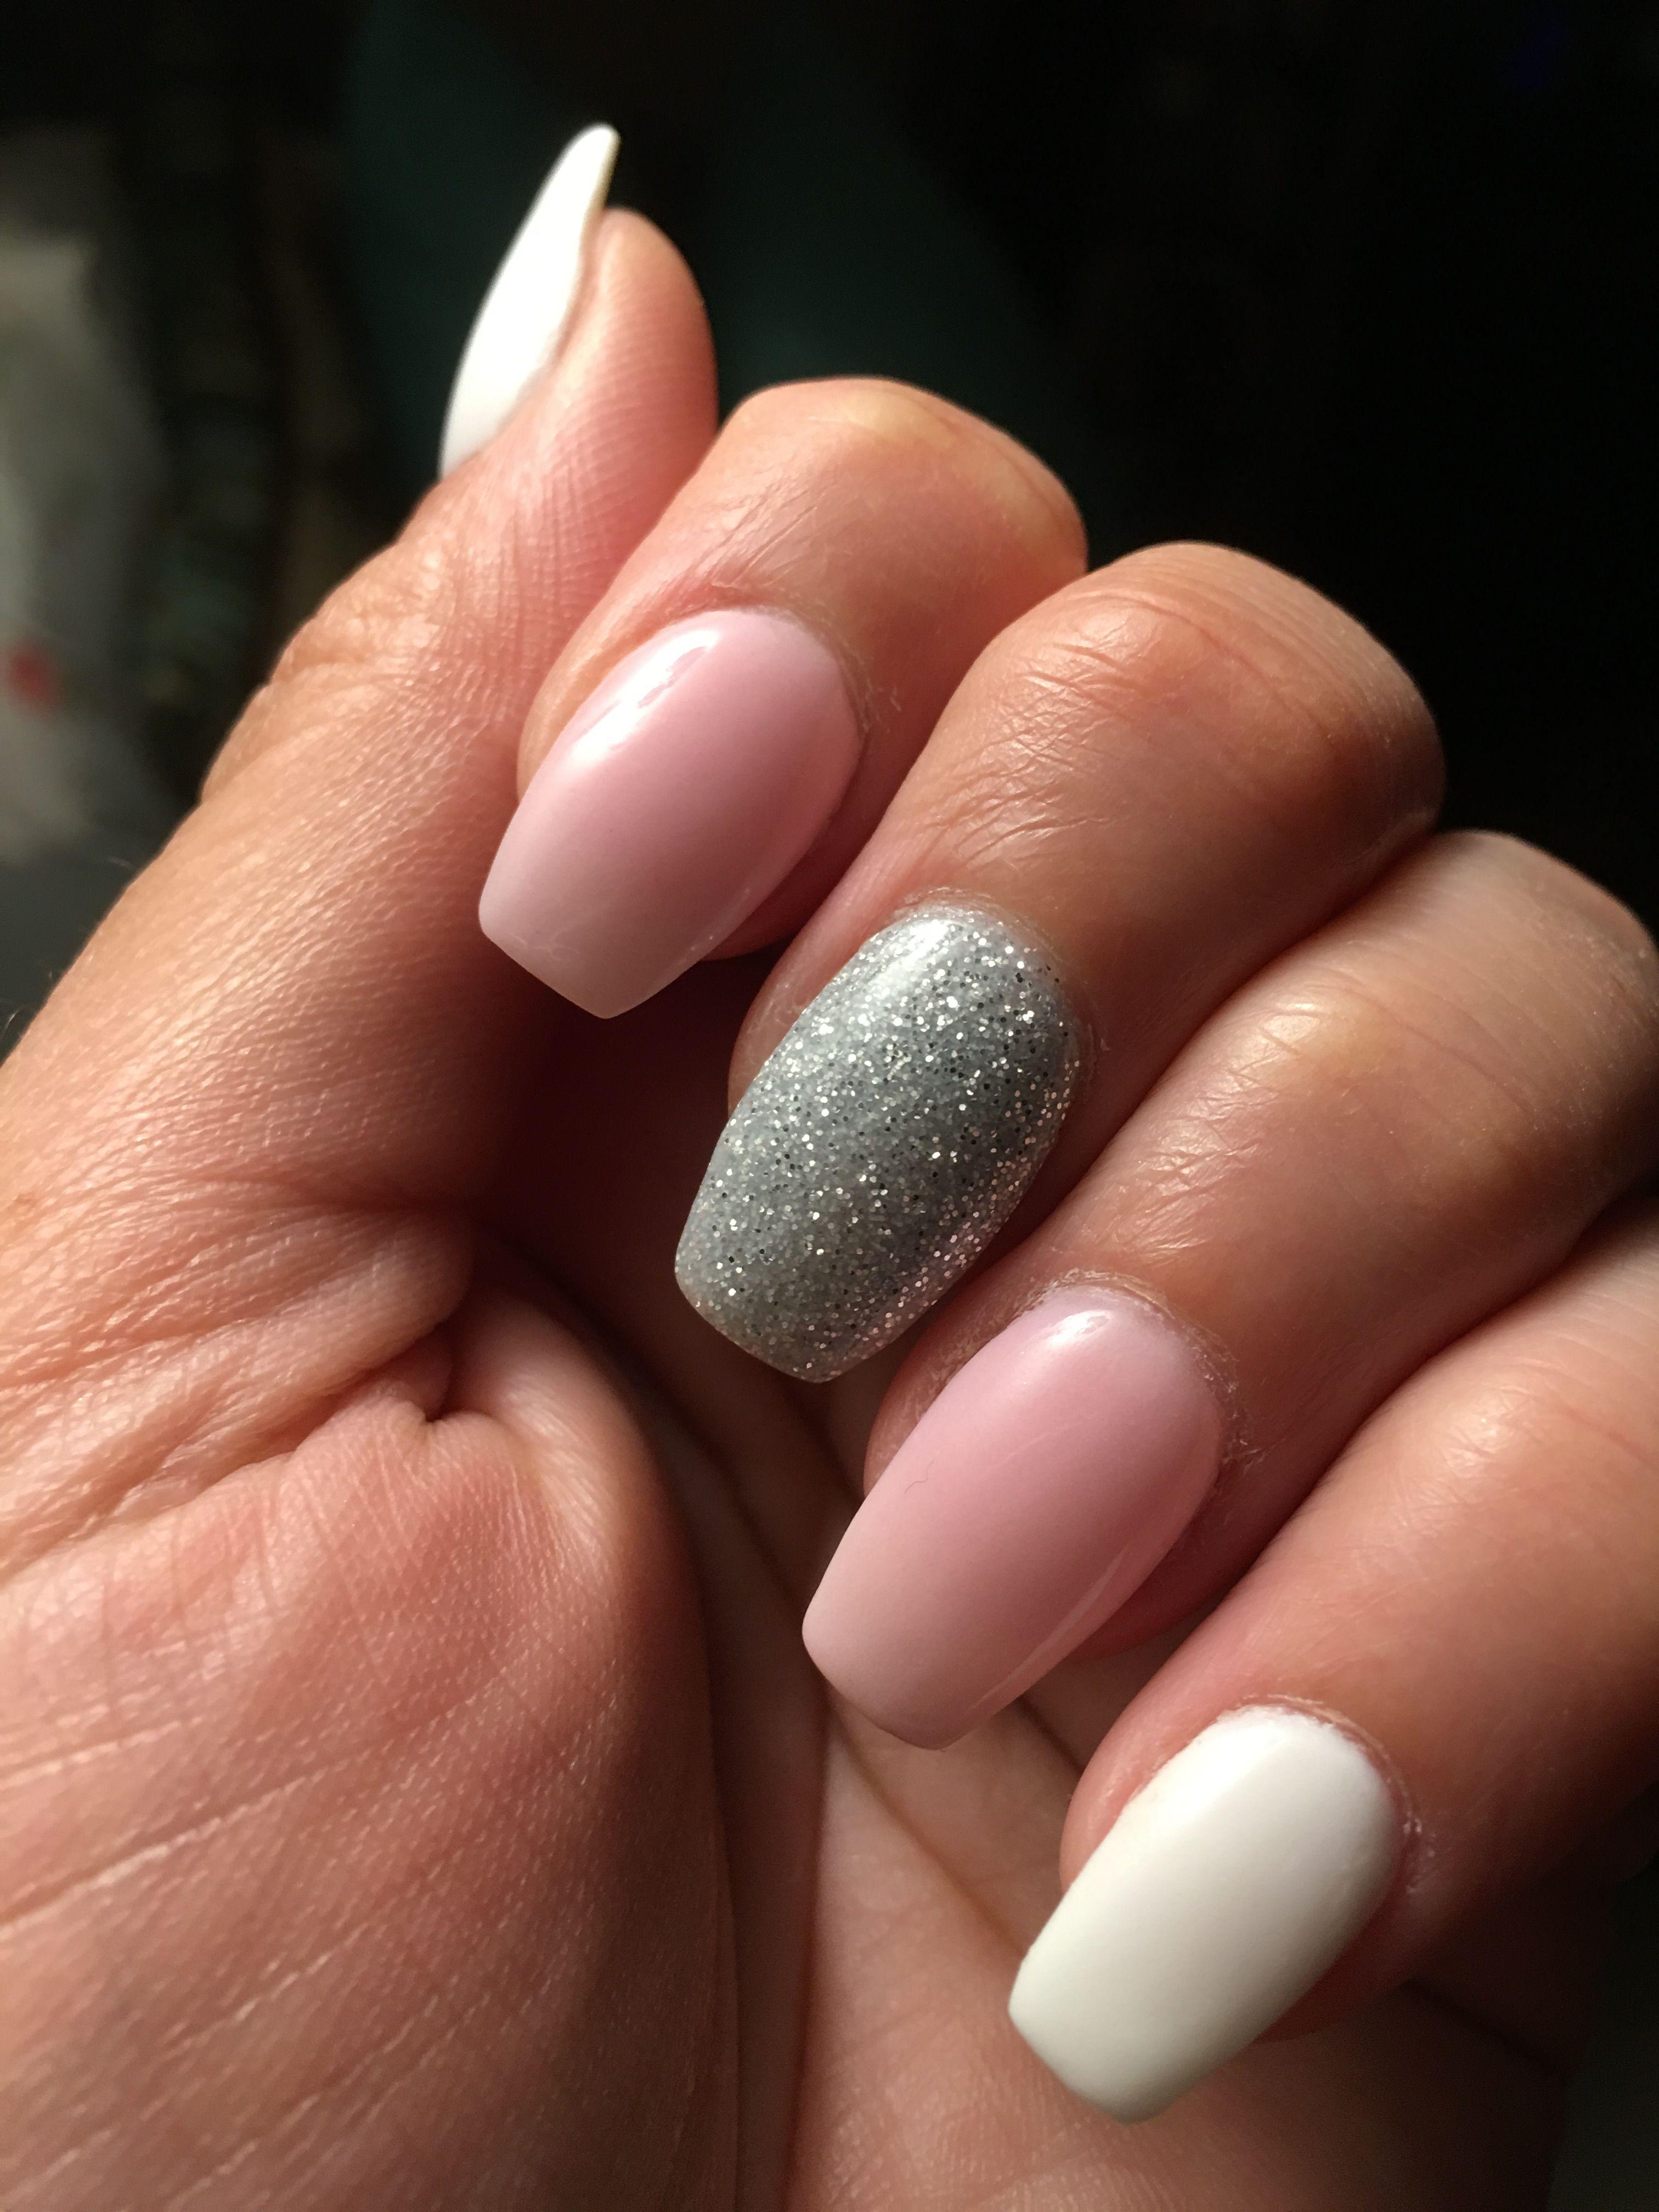 Nexgen Pink White Silver Glitter Coffin Nails